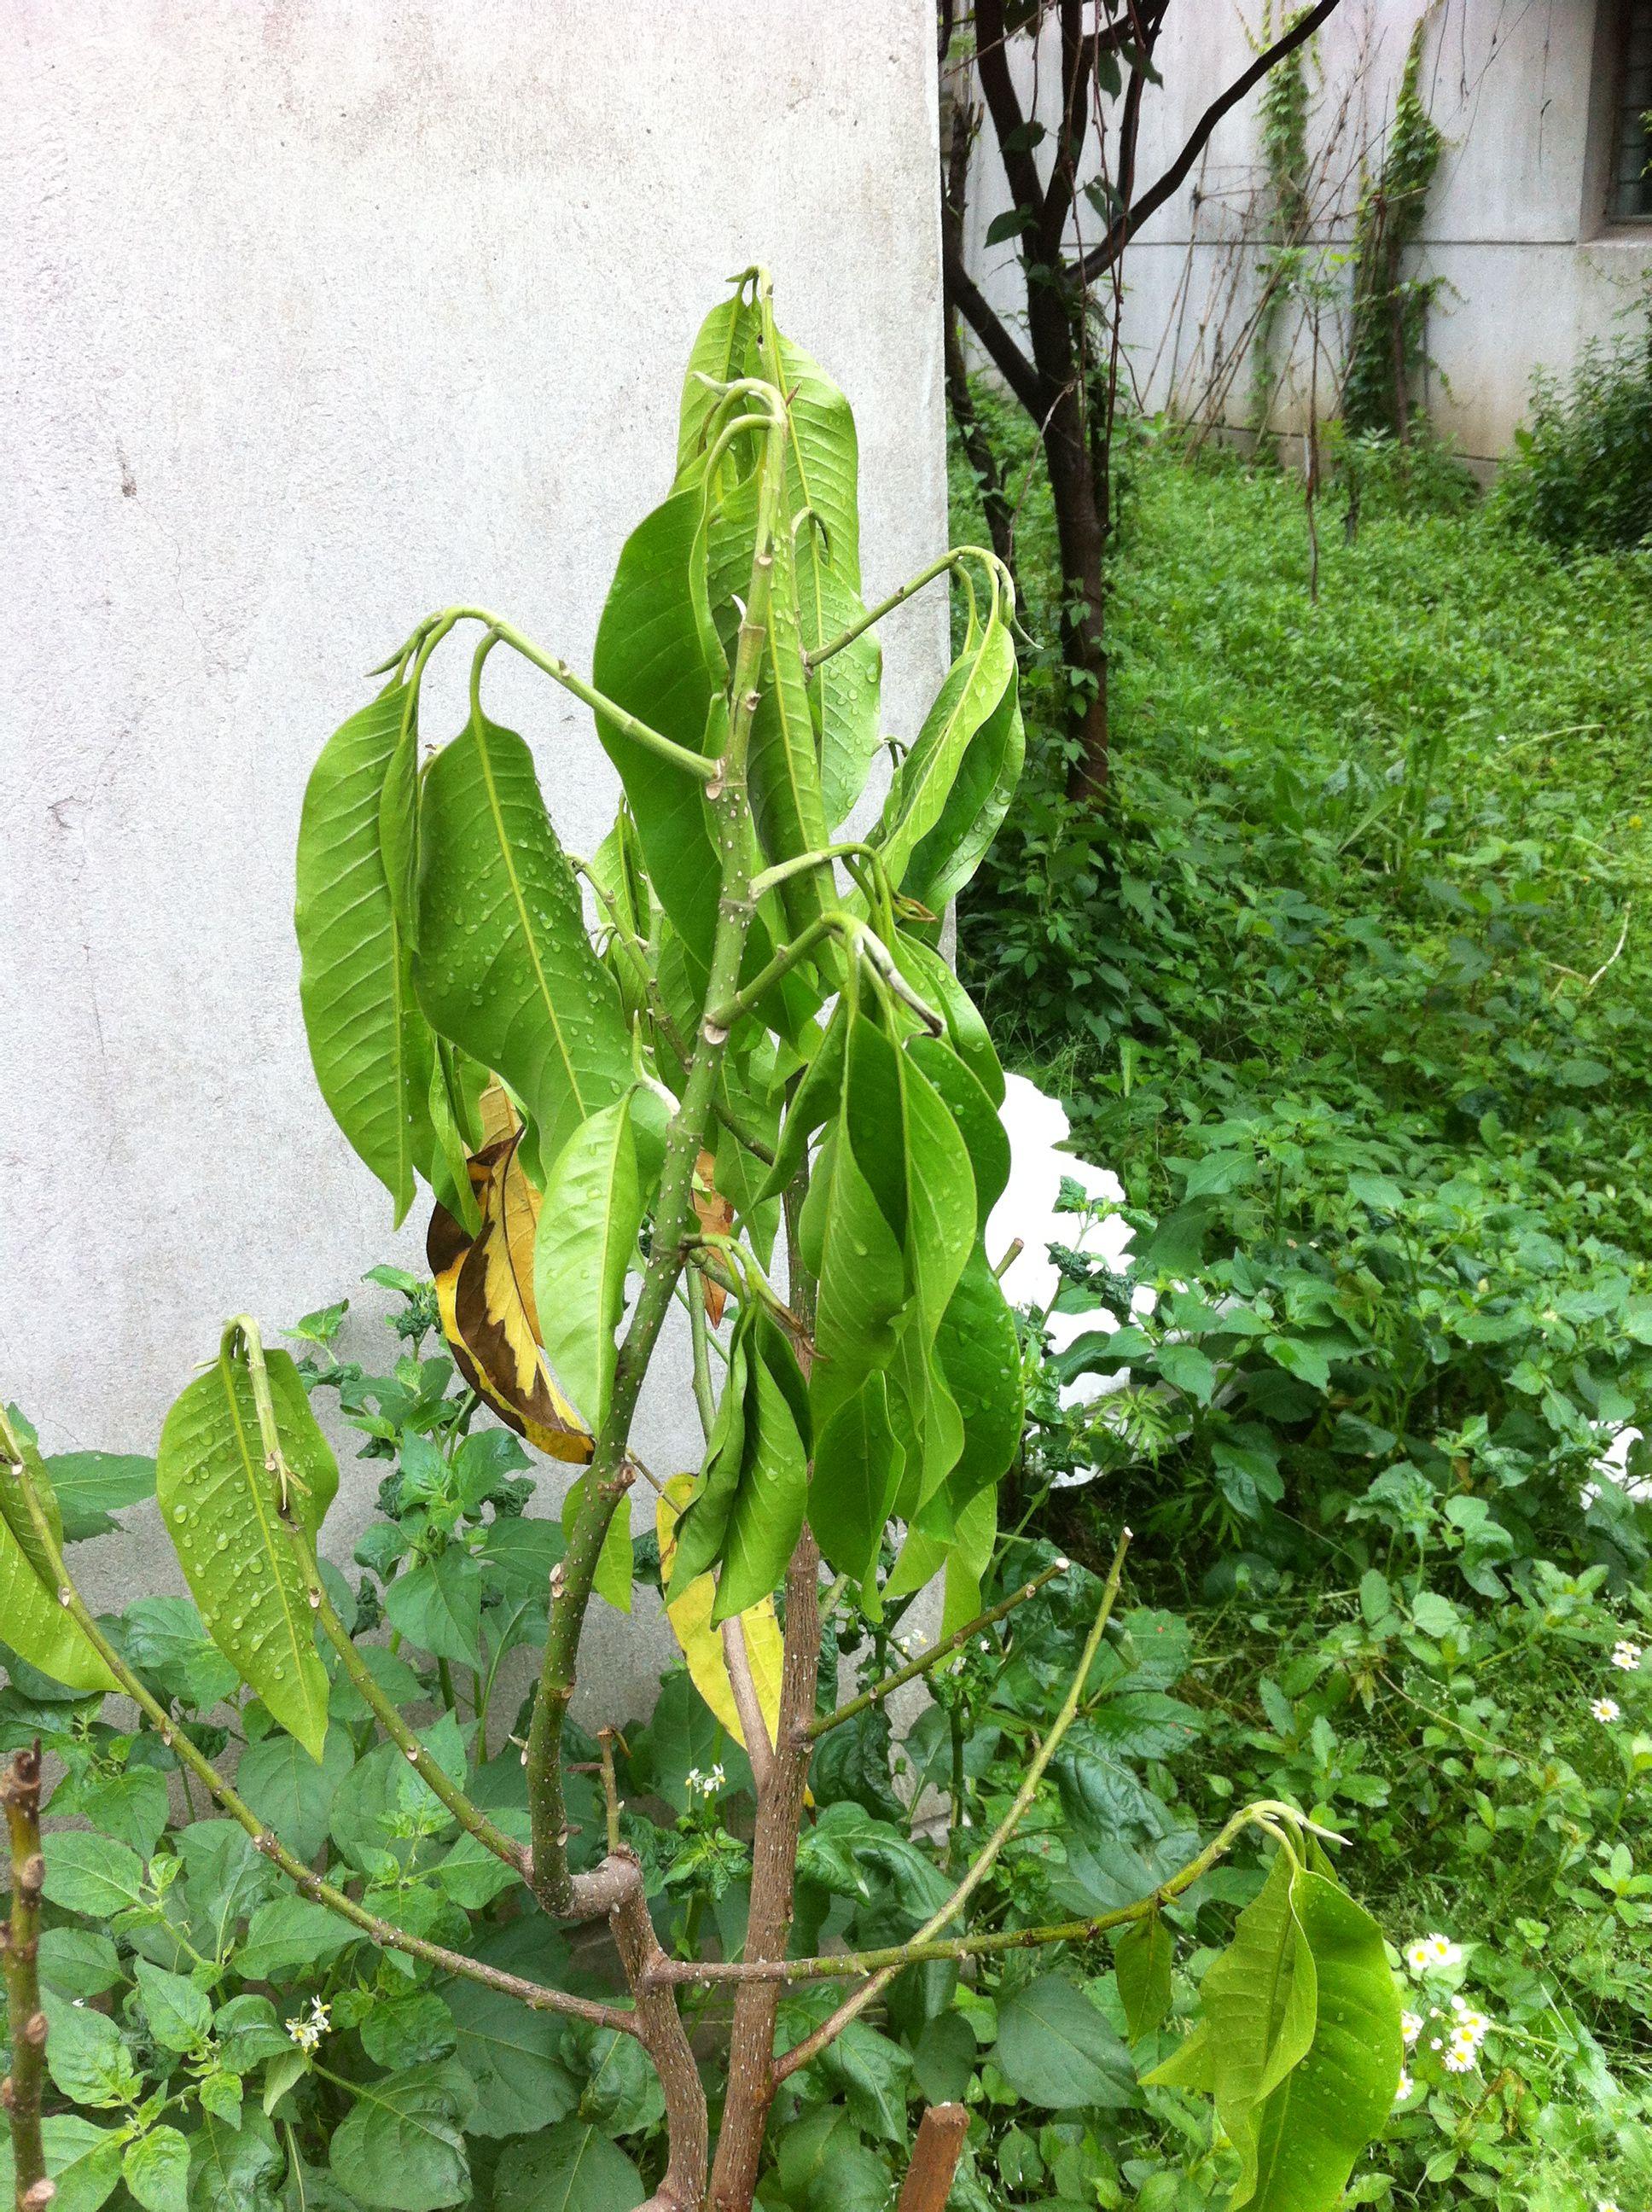 白兰花叶子_请救救我家的白兰花,这棵白兰花叶子低垂,开始发黄,芽也 ...